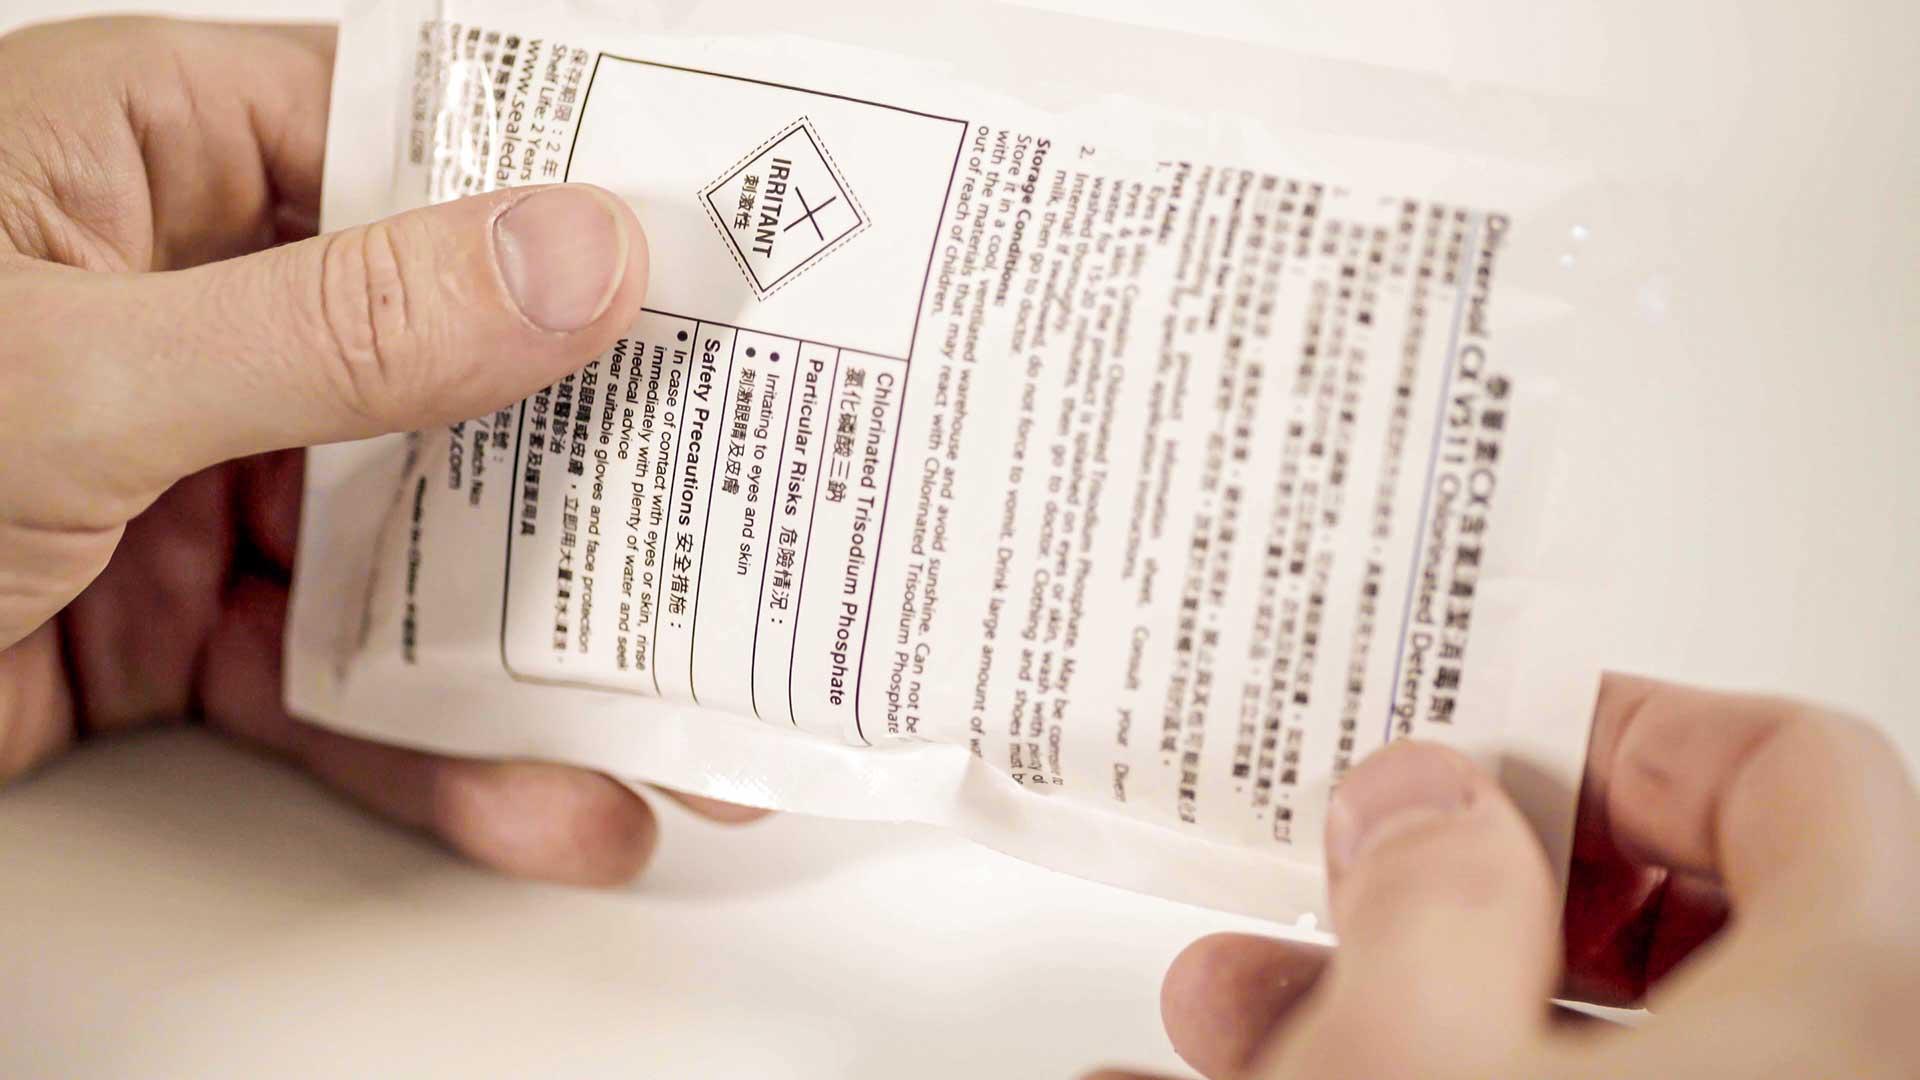 Sealed packaging